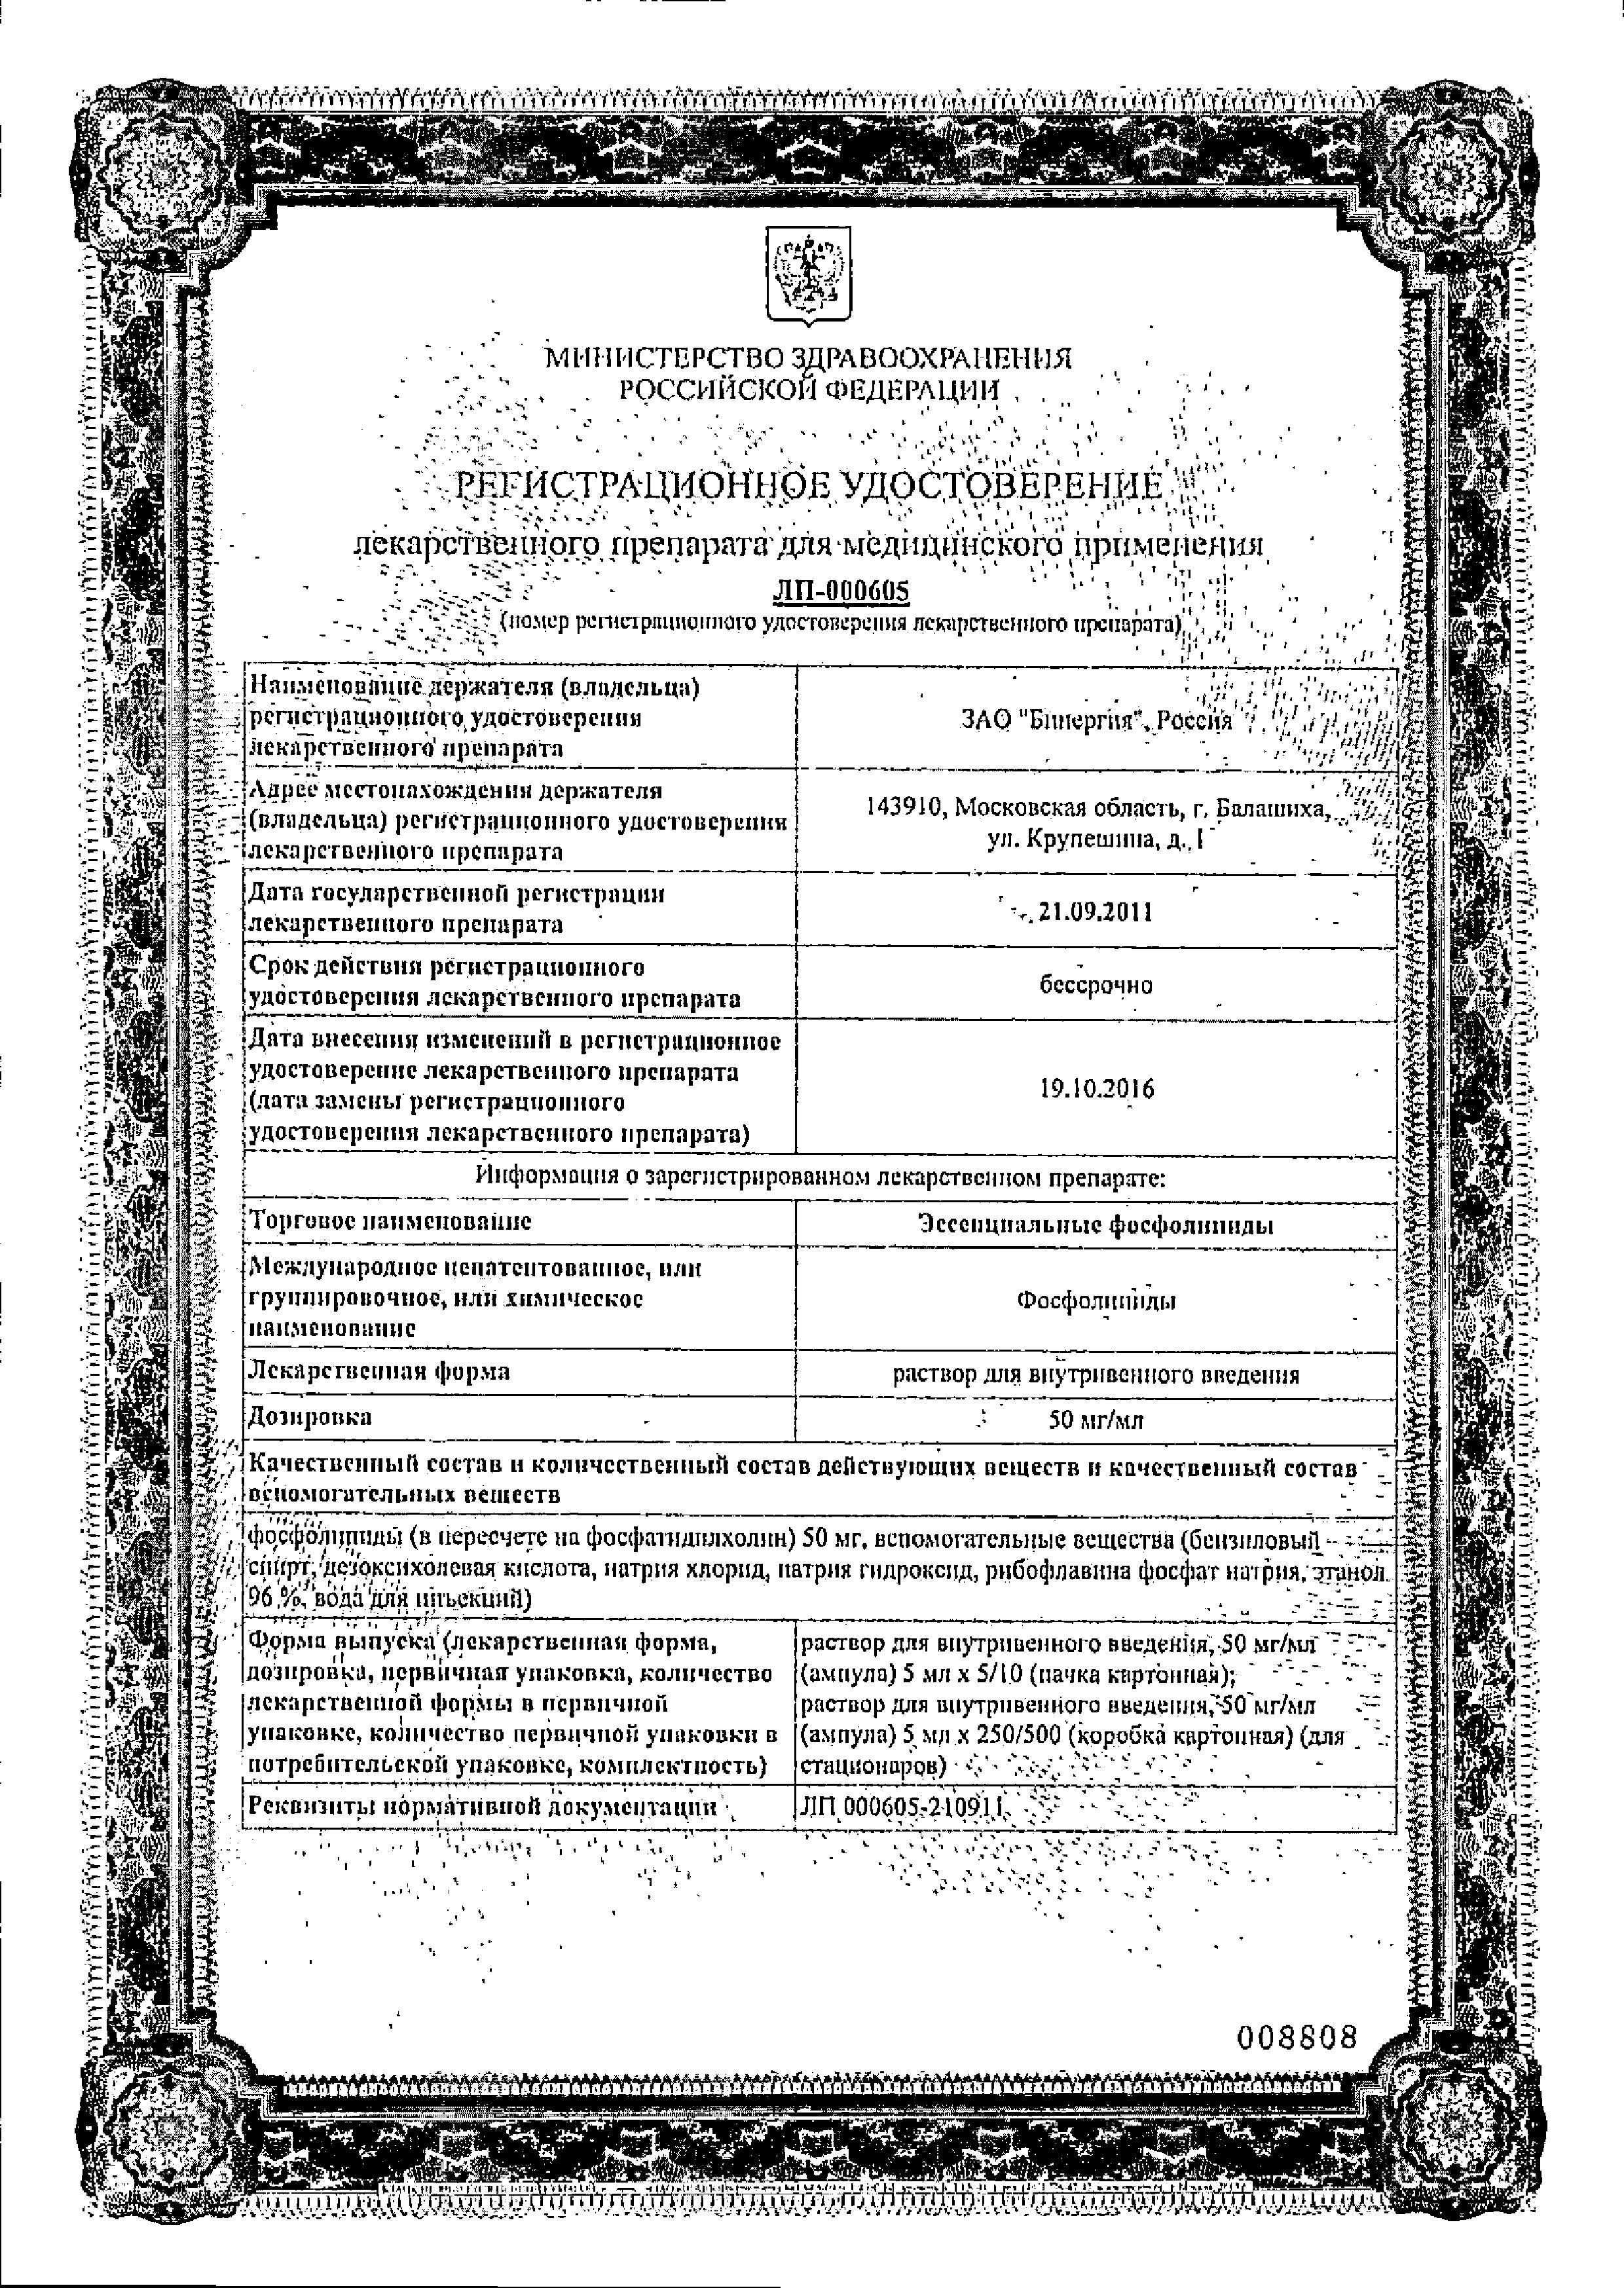 Эссенциальные фосфолипиды сертификат